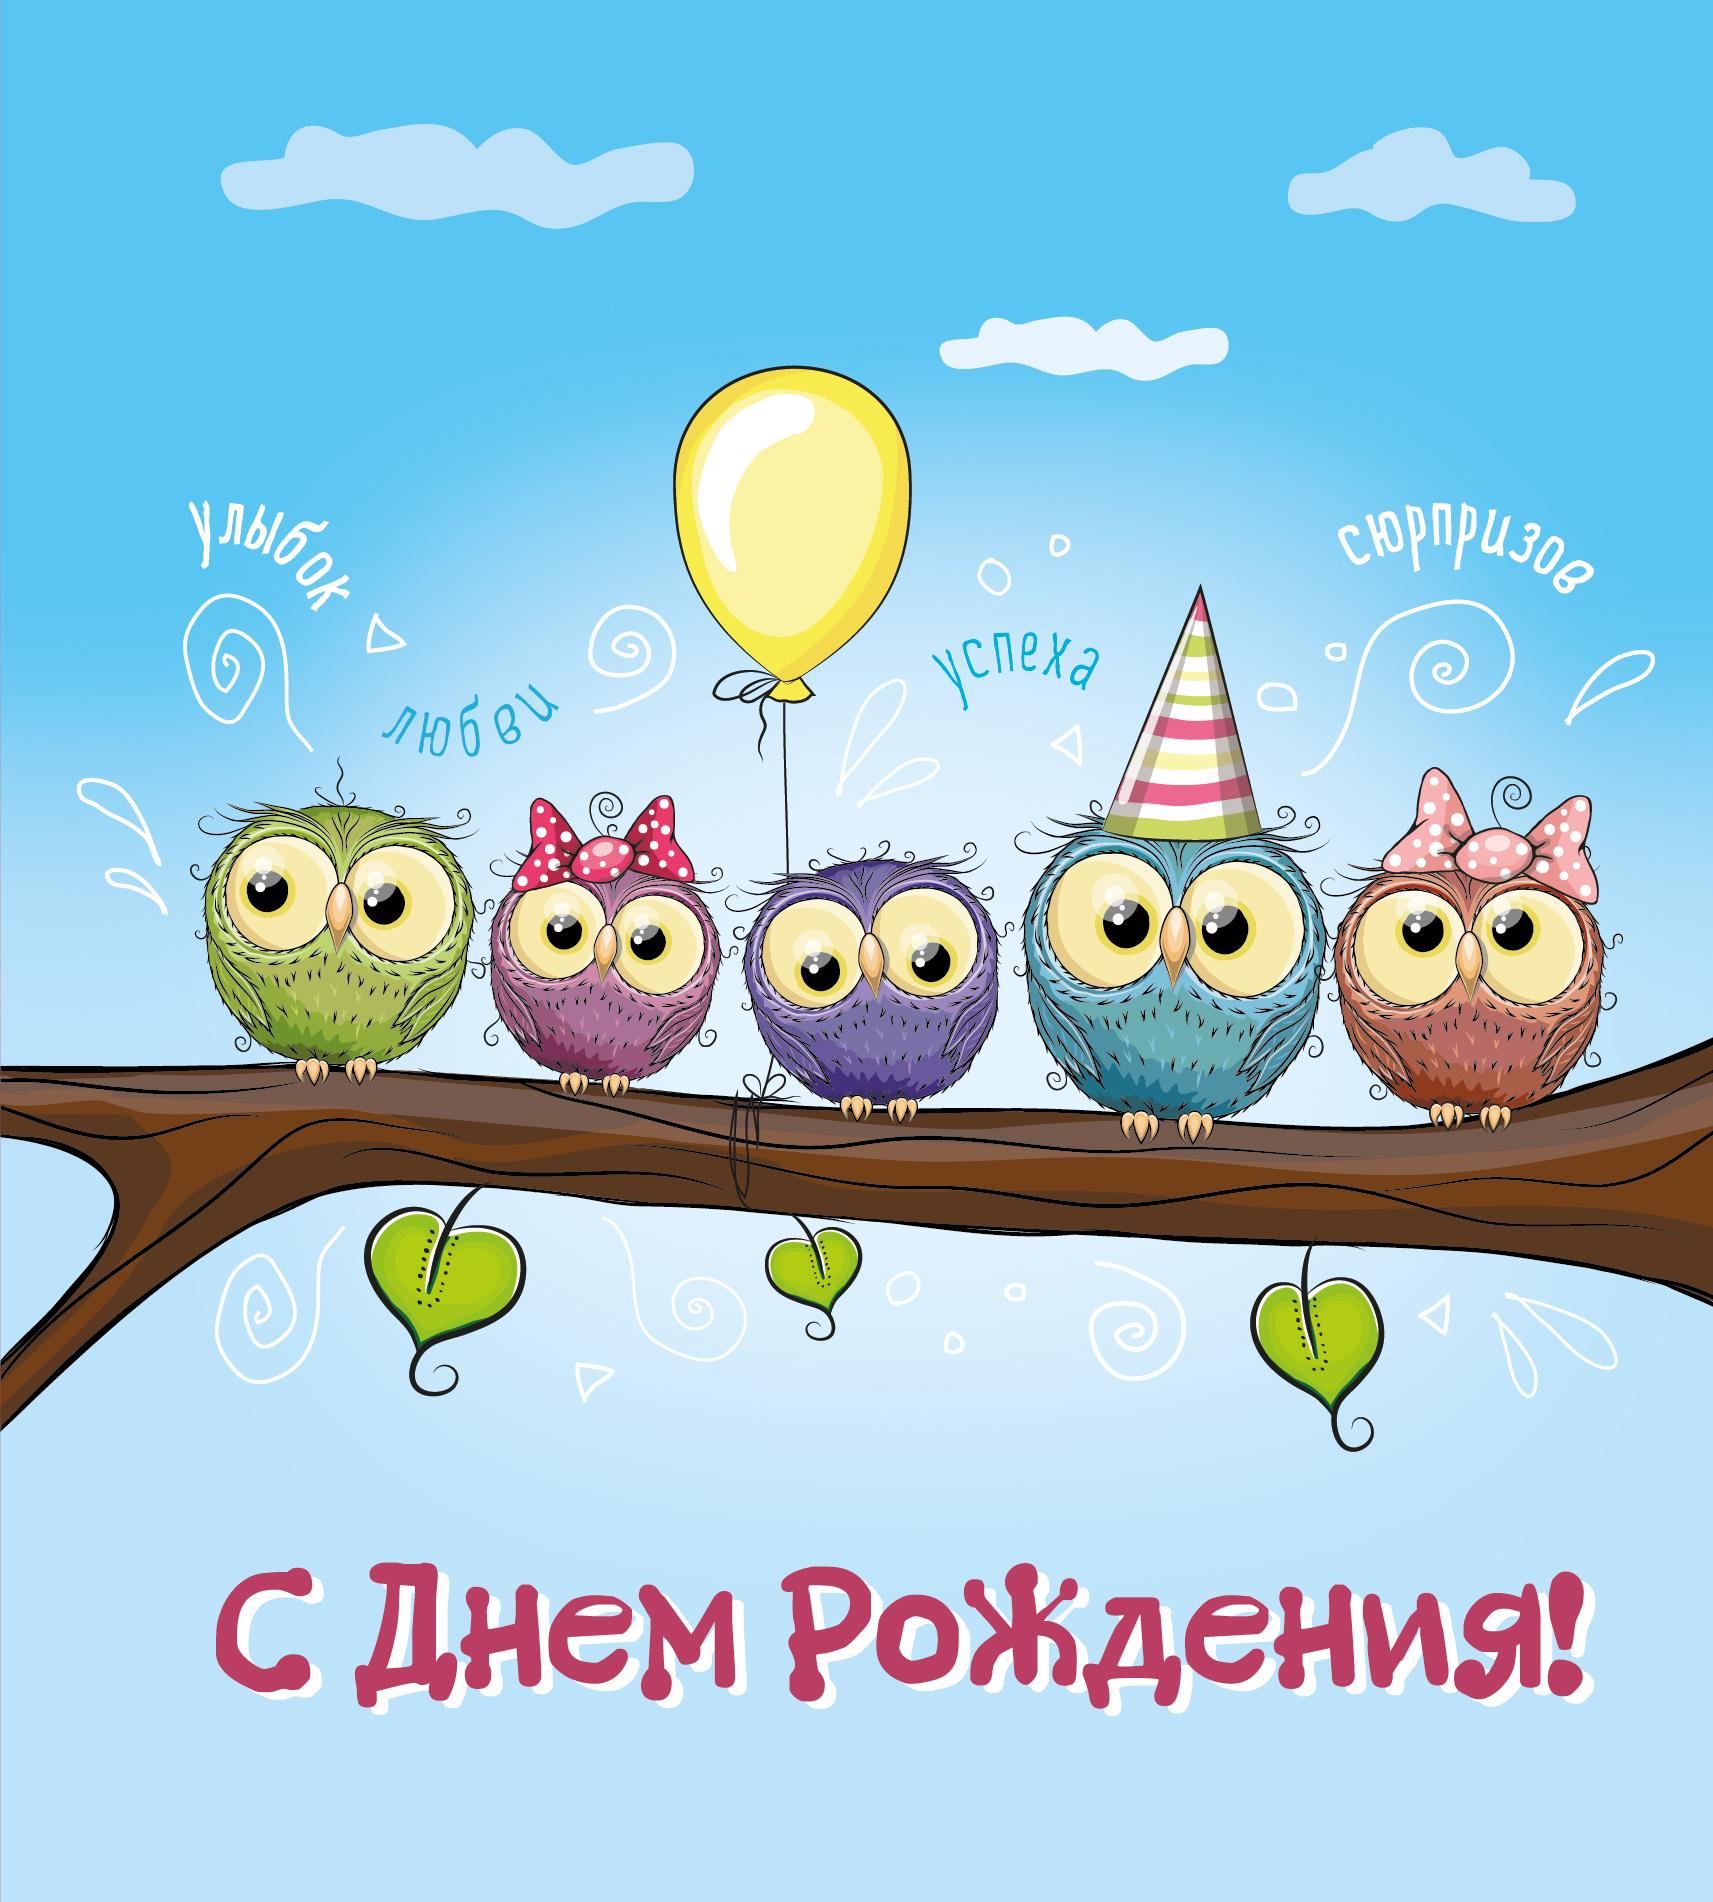 смелые поздравления с днем рождения подписал